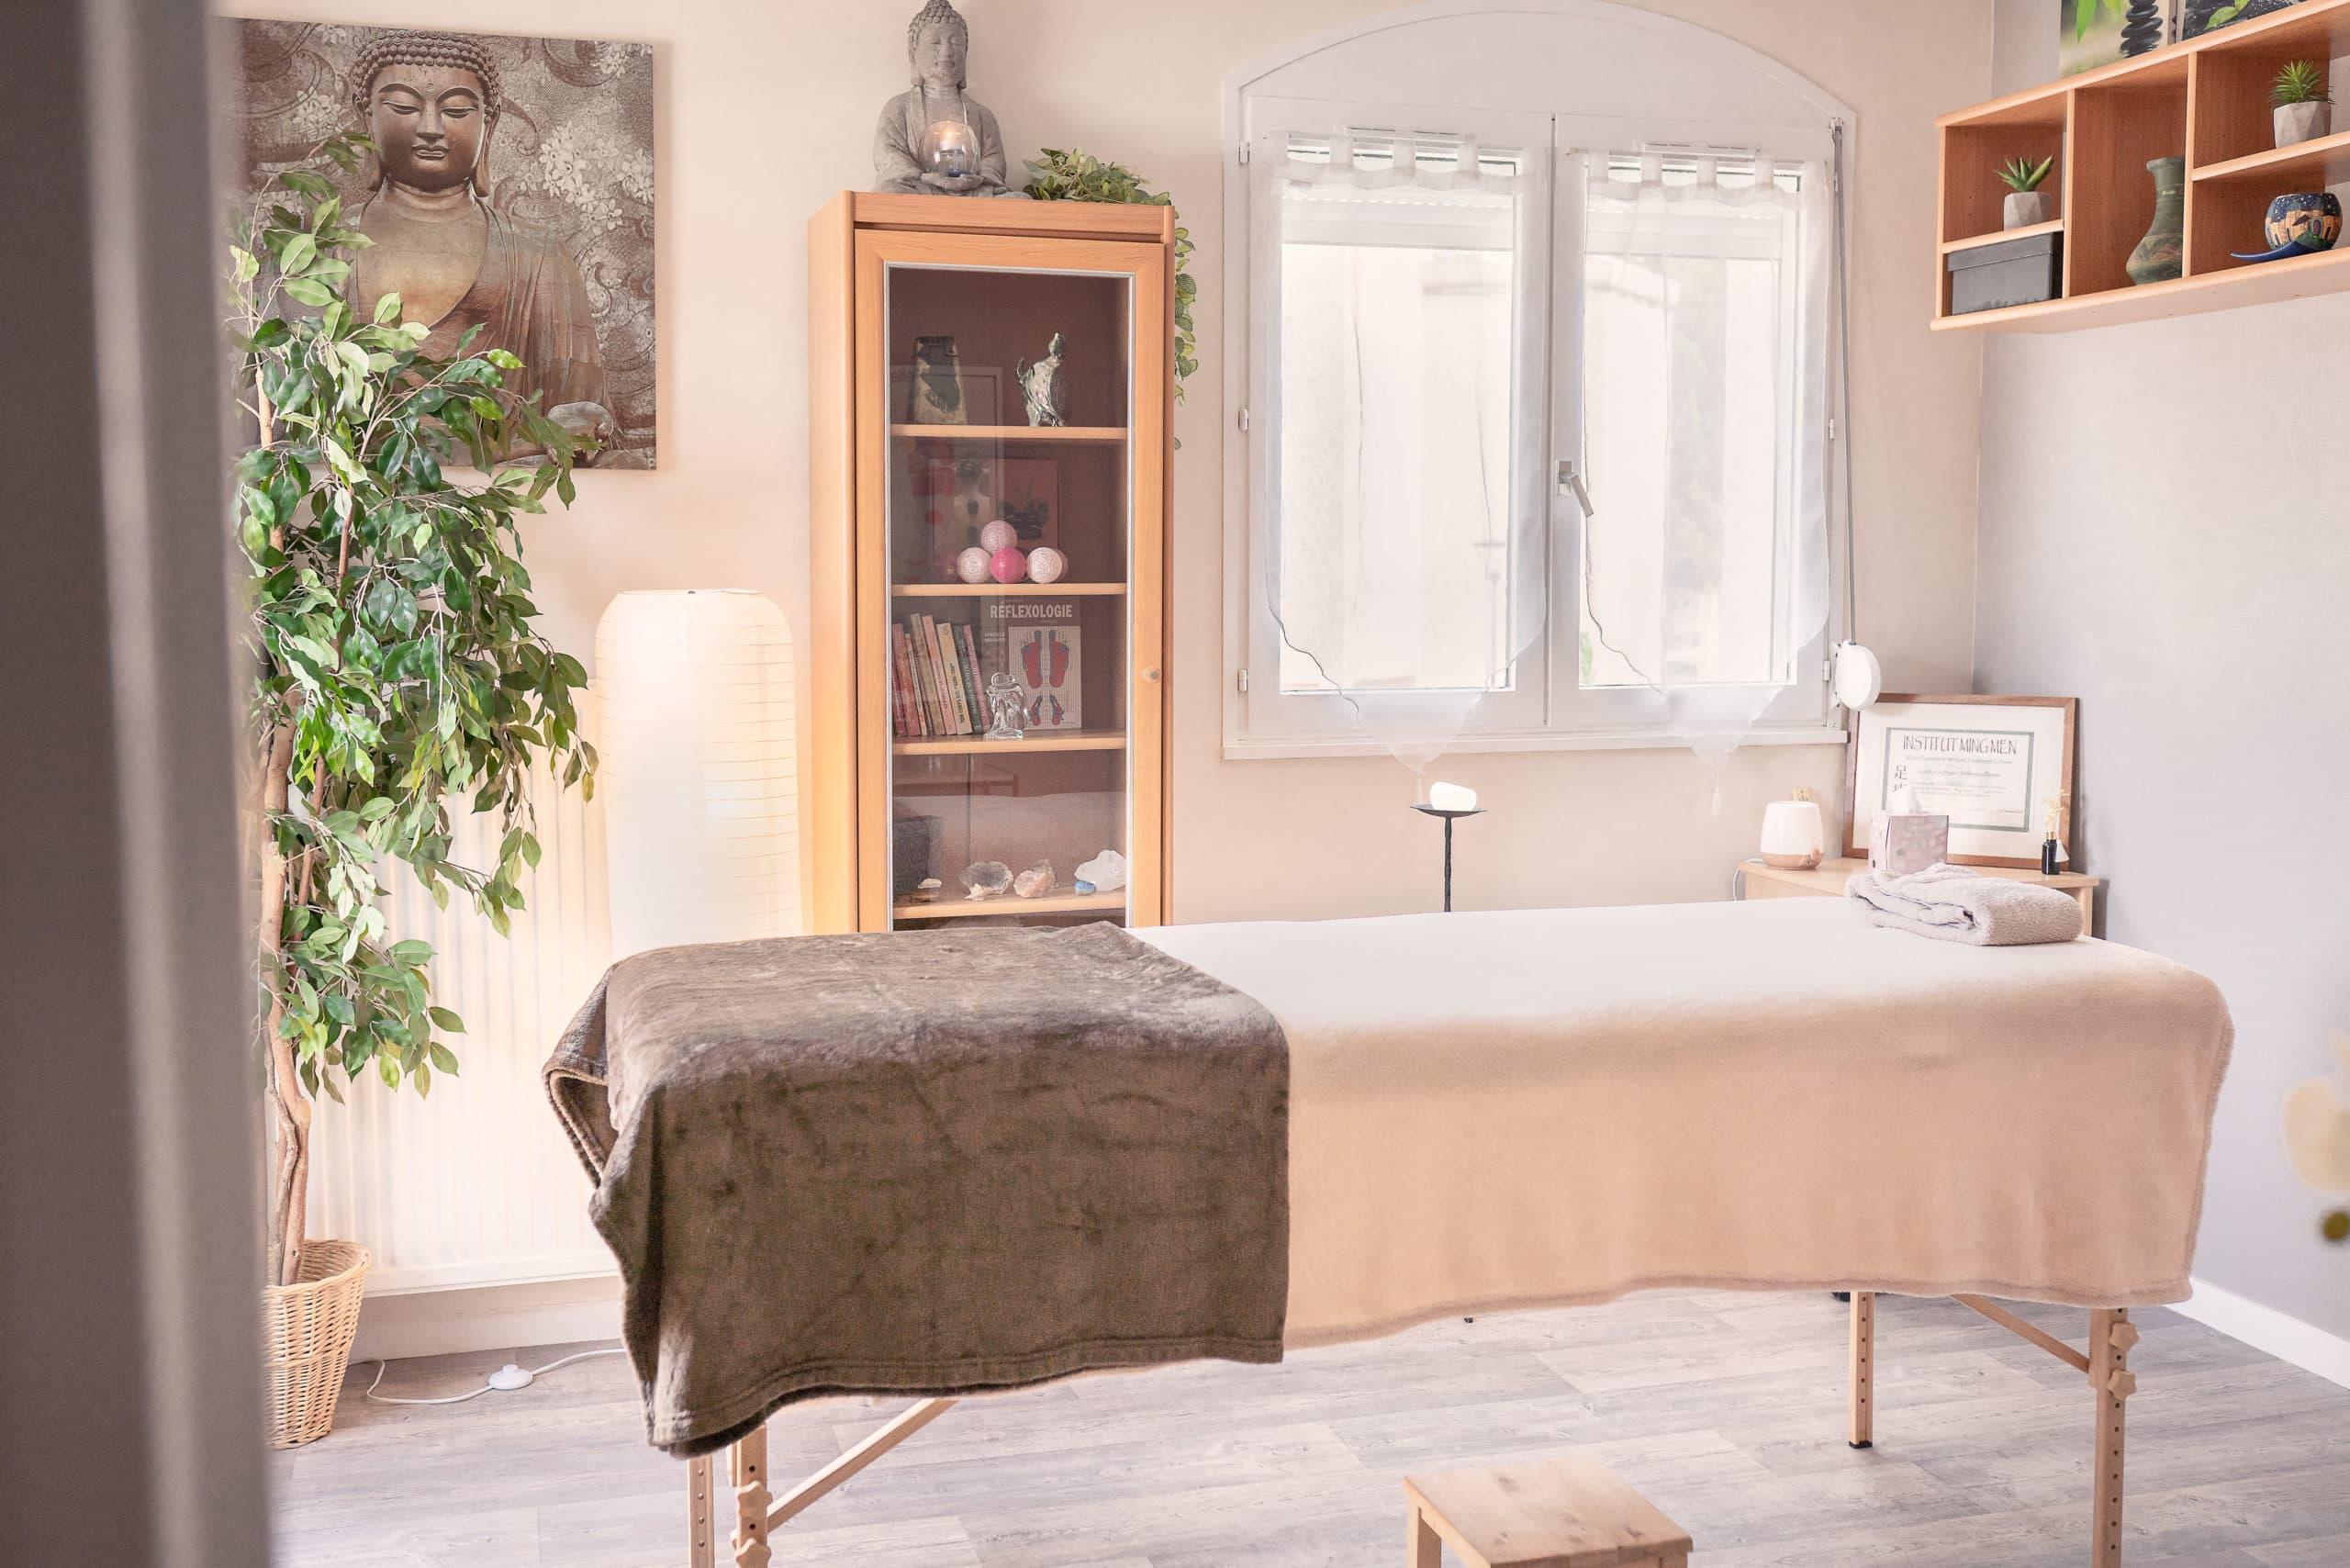 1 salon de massage Myriam Mederlé LD Photographie-1